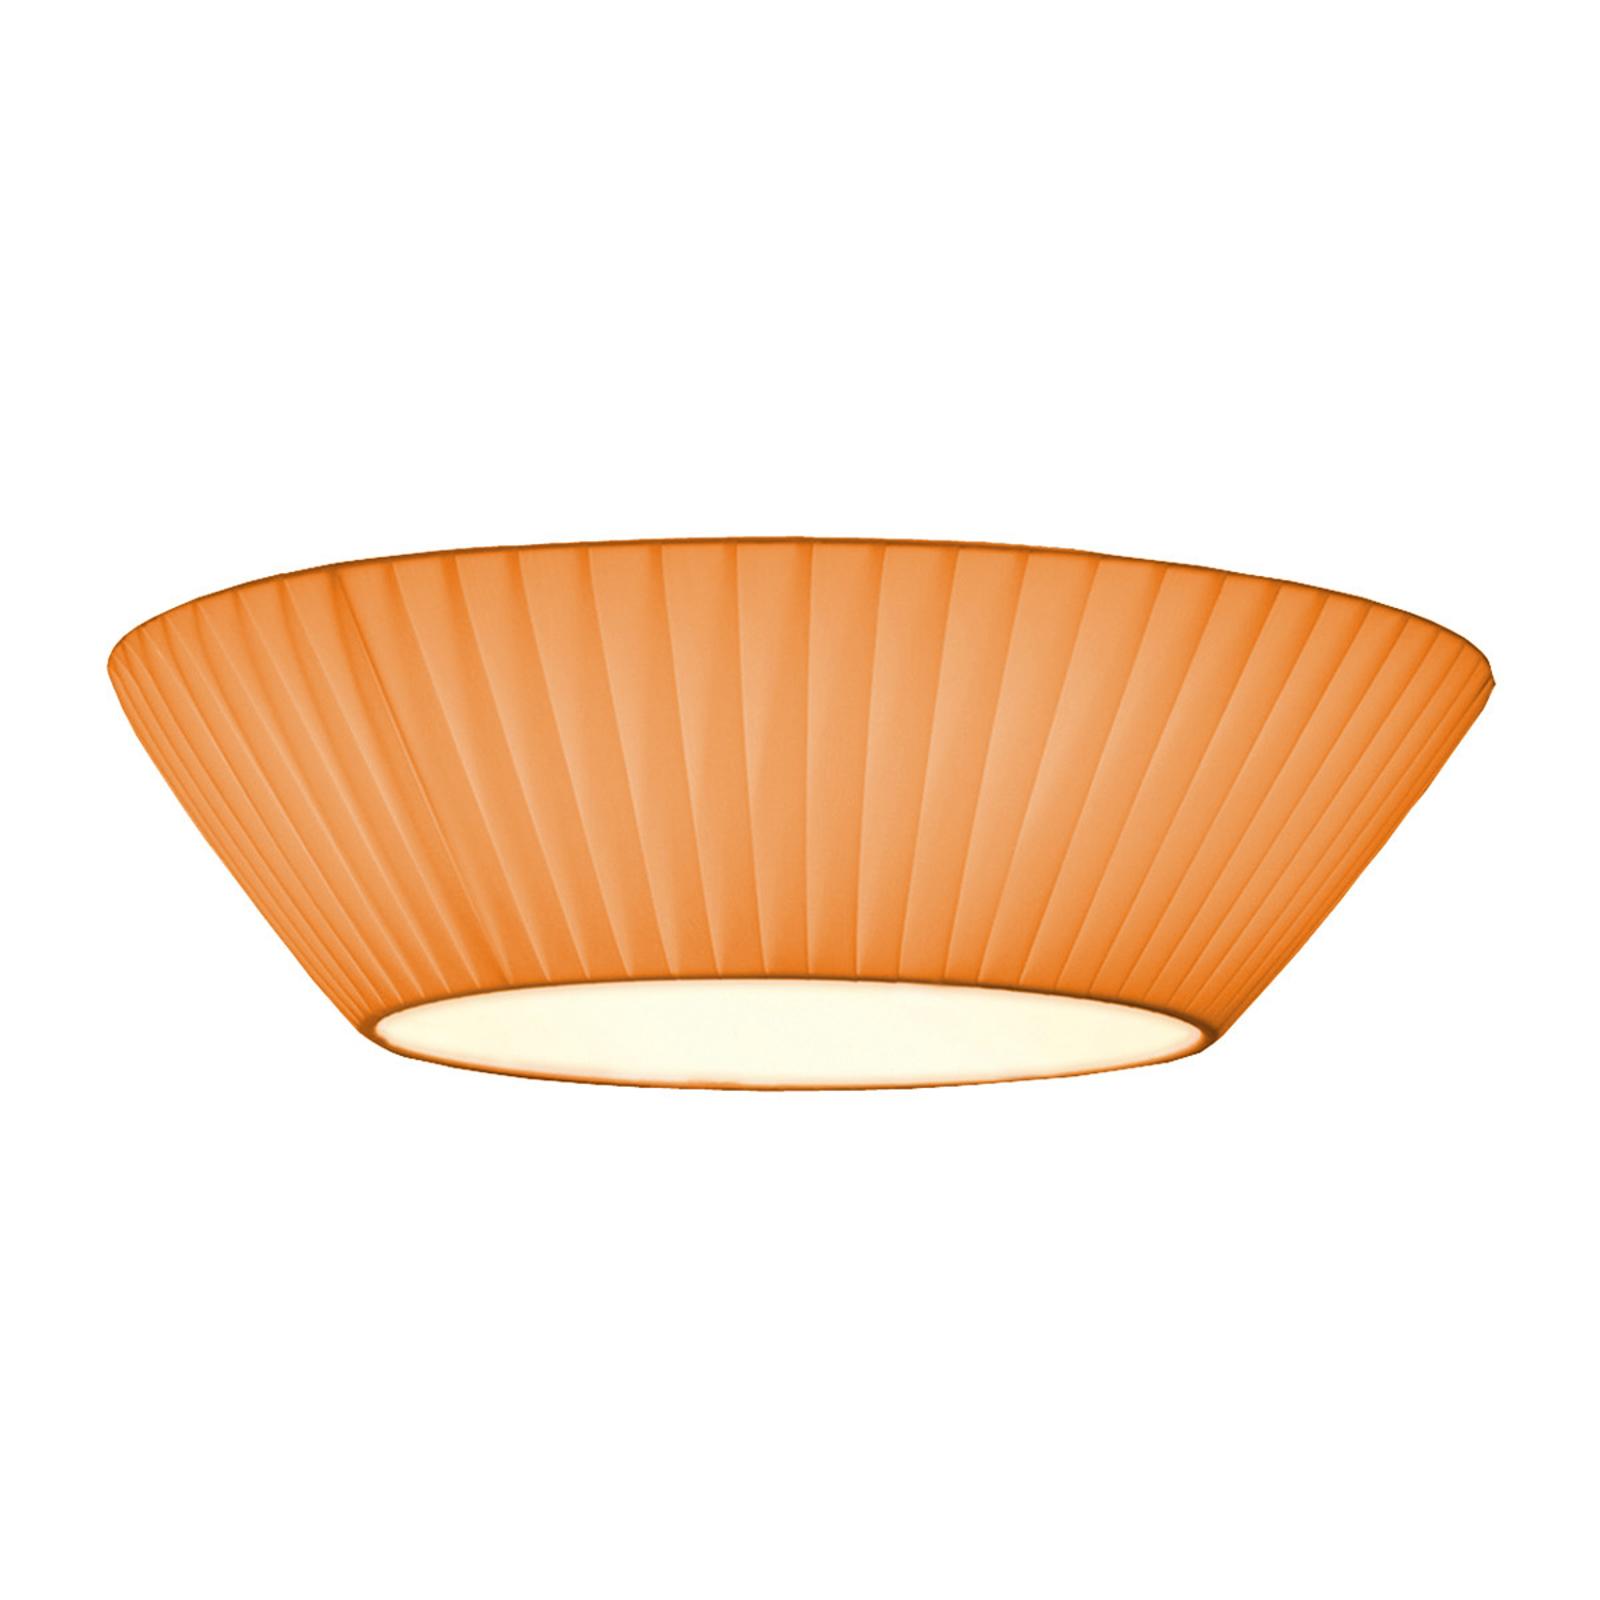 Prosta lampa sufitowa Emma, śr. 50 cm pomarańczowa